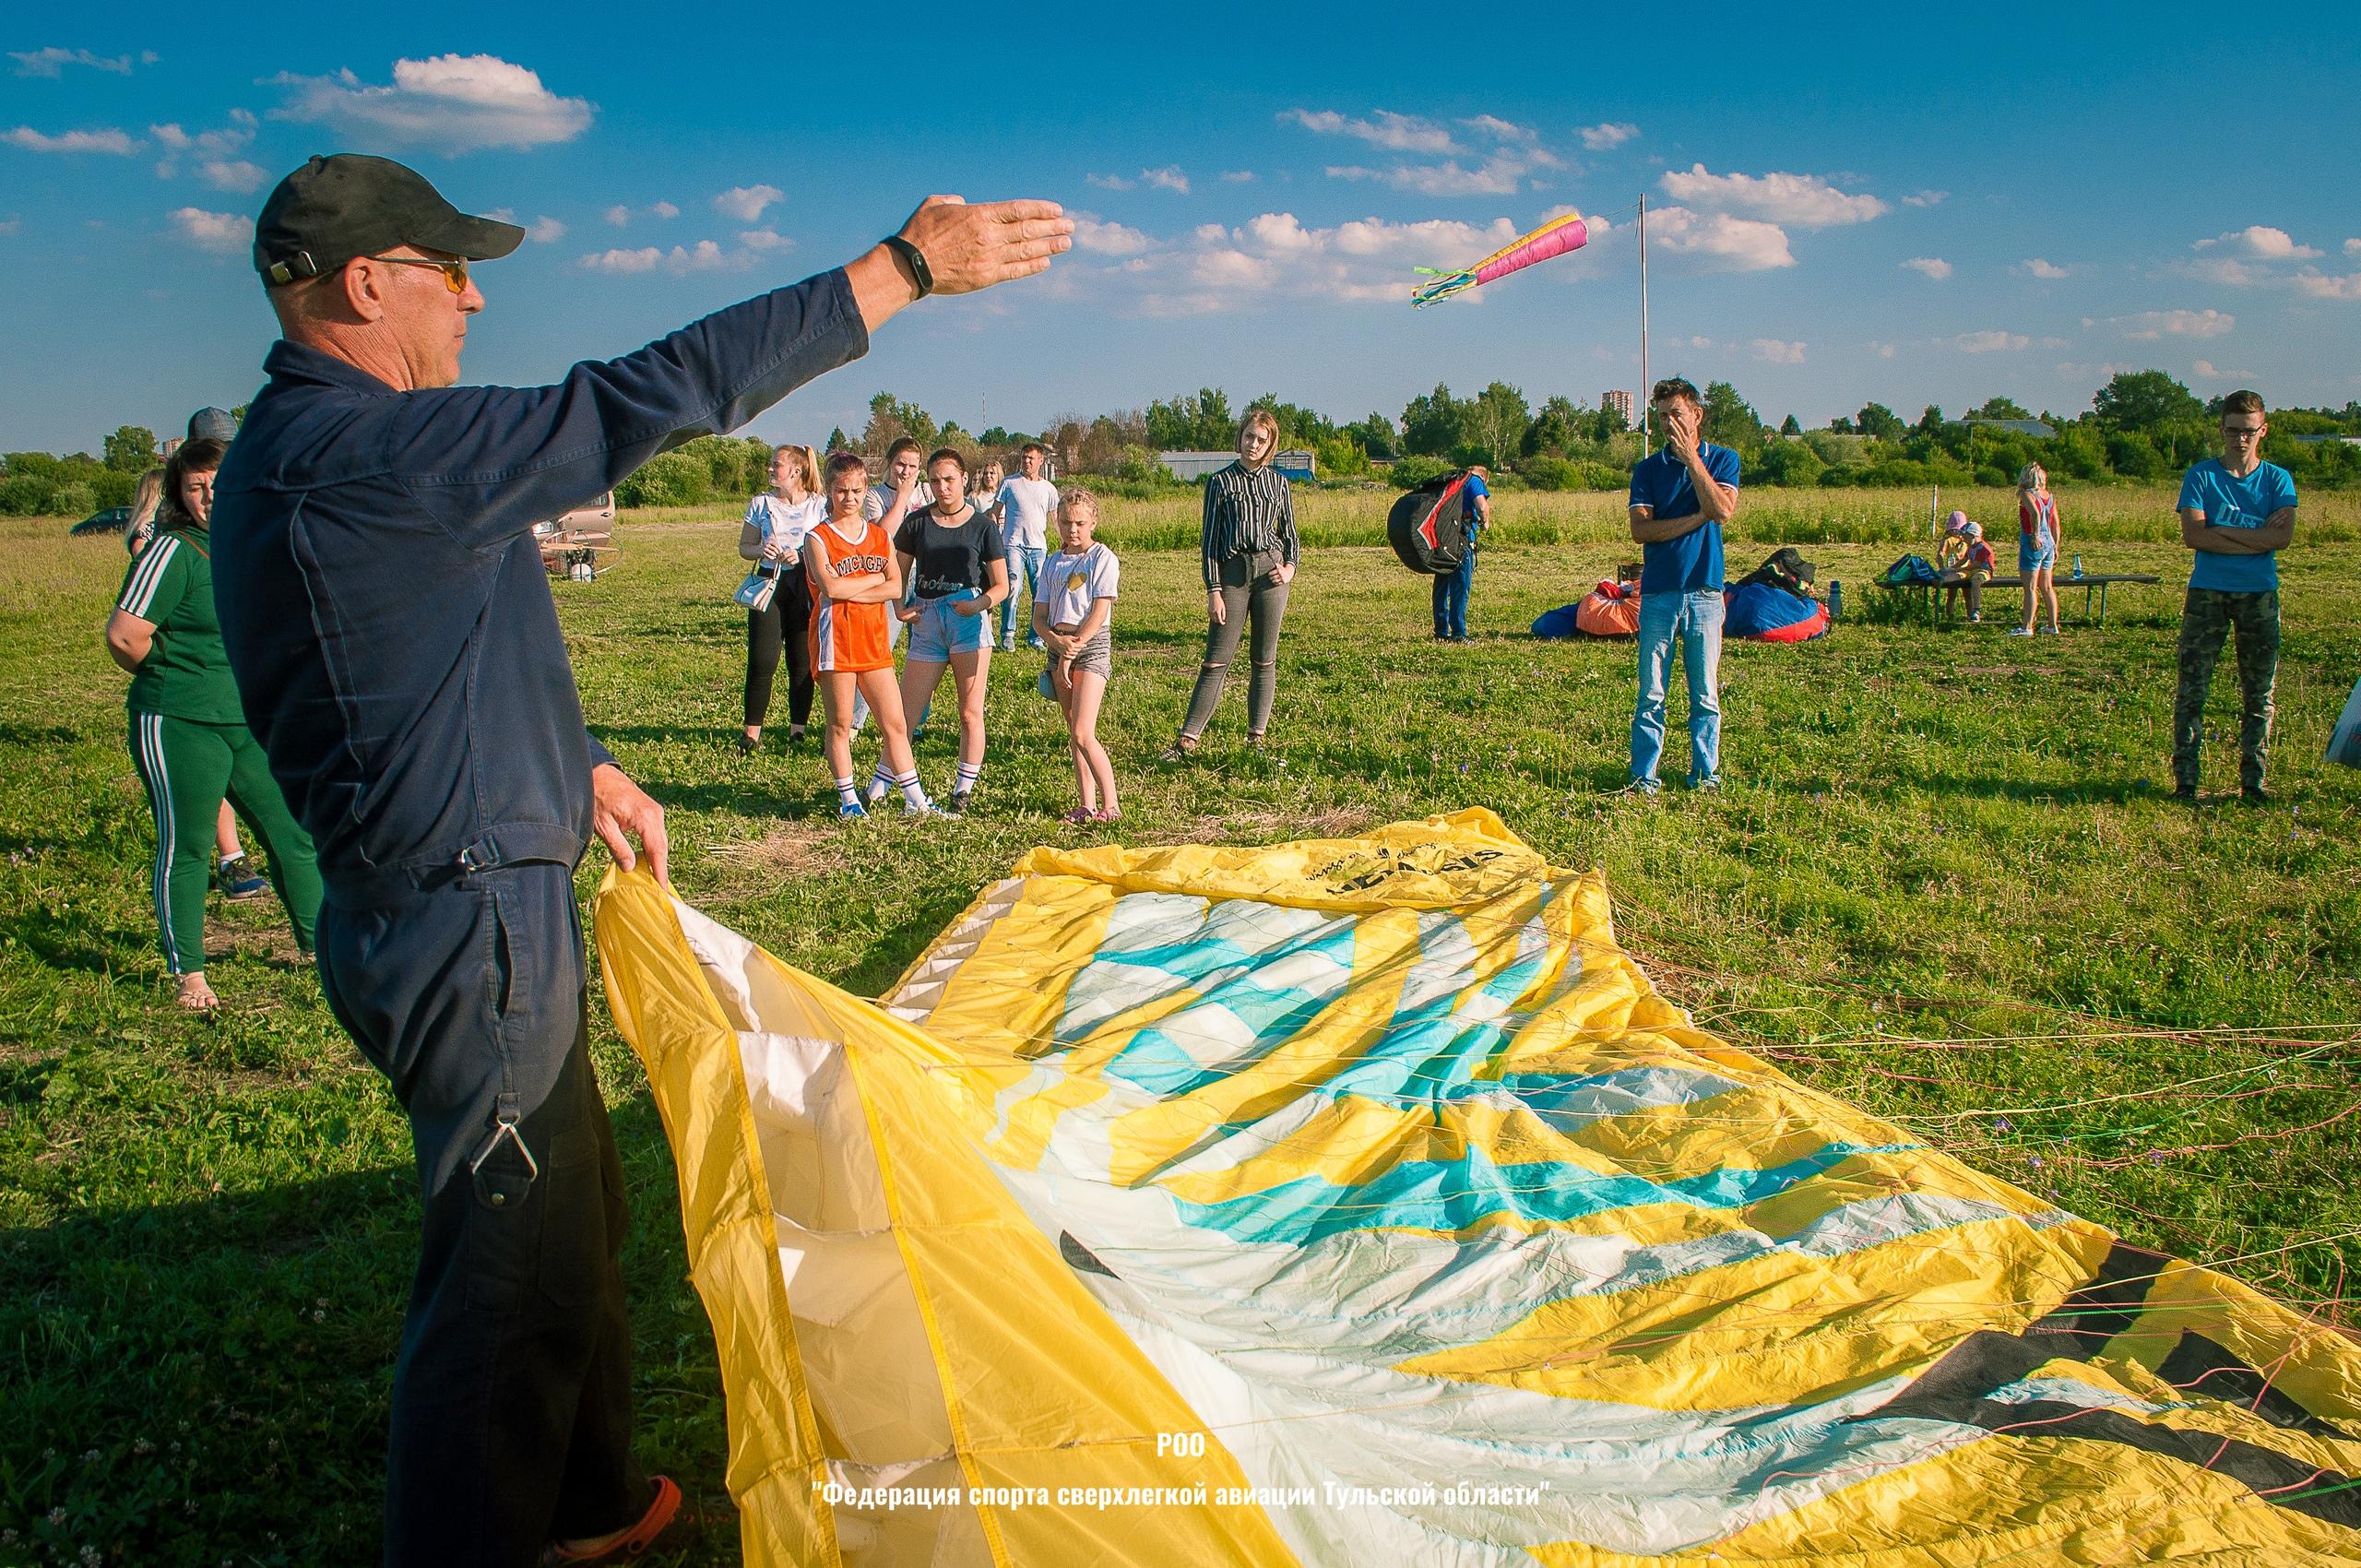 Федерация спорта сверхлёгкой авиации Тульской области в рамках проекта «Покори…